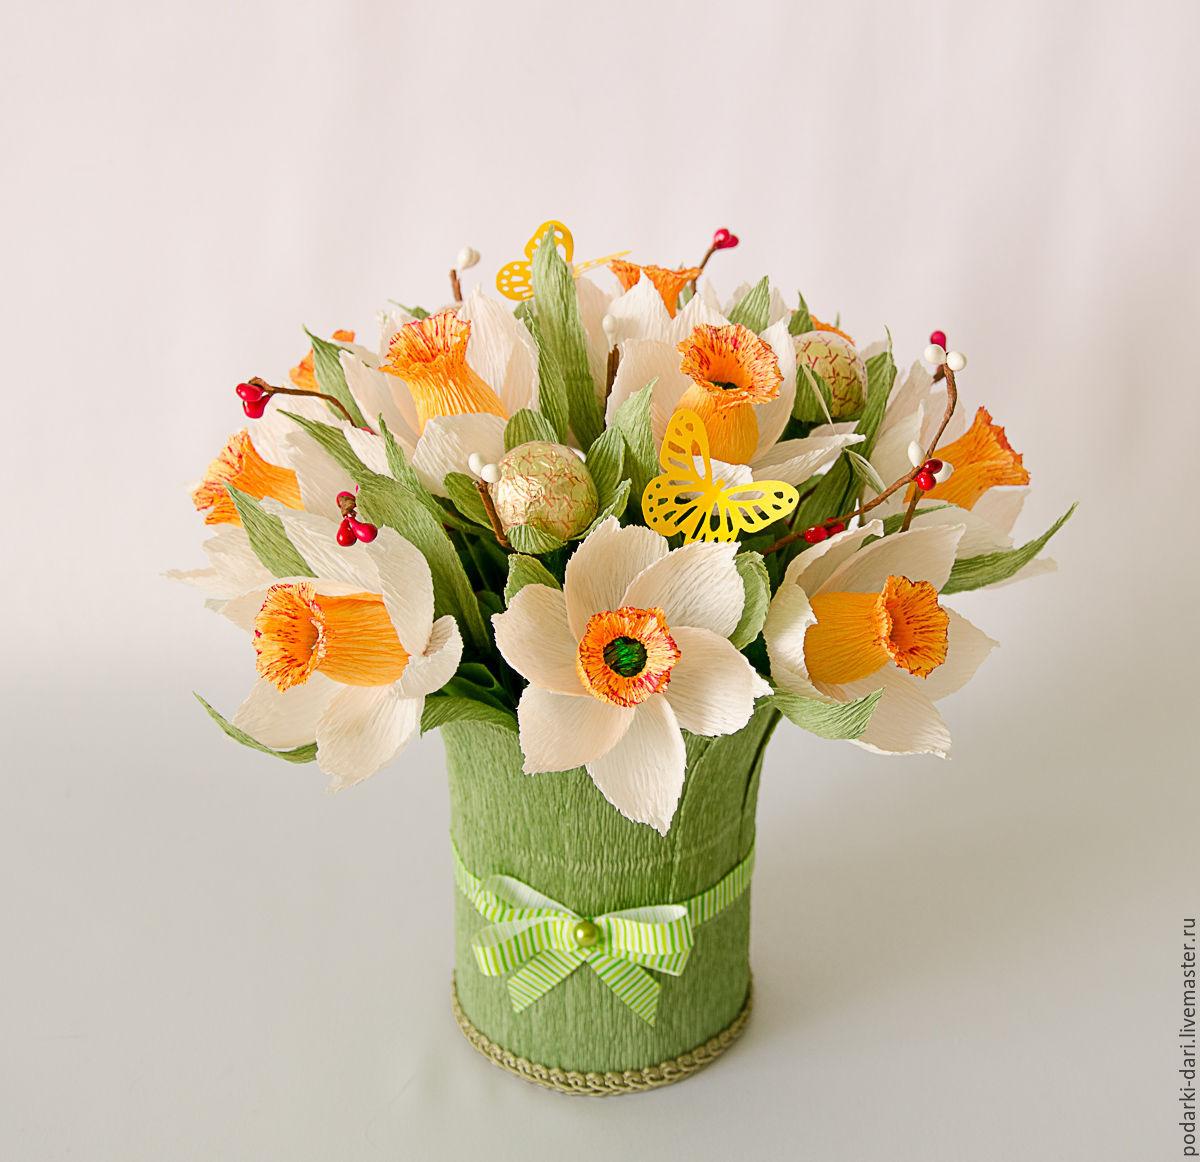 Доставка цветов влюбой город россии доставка цветов юбилейный мо